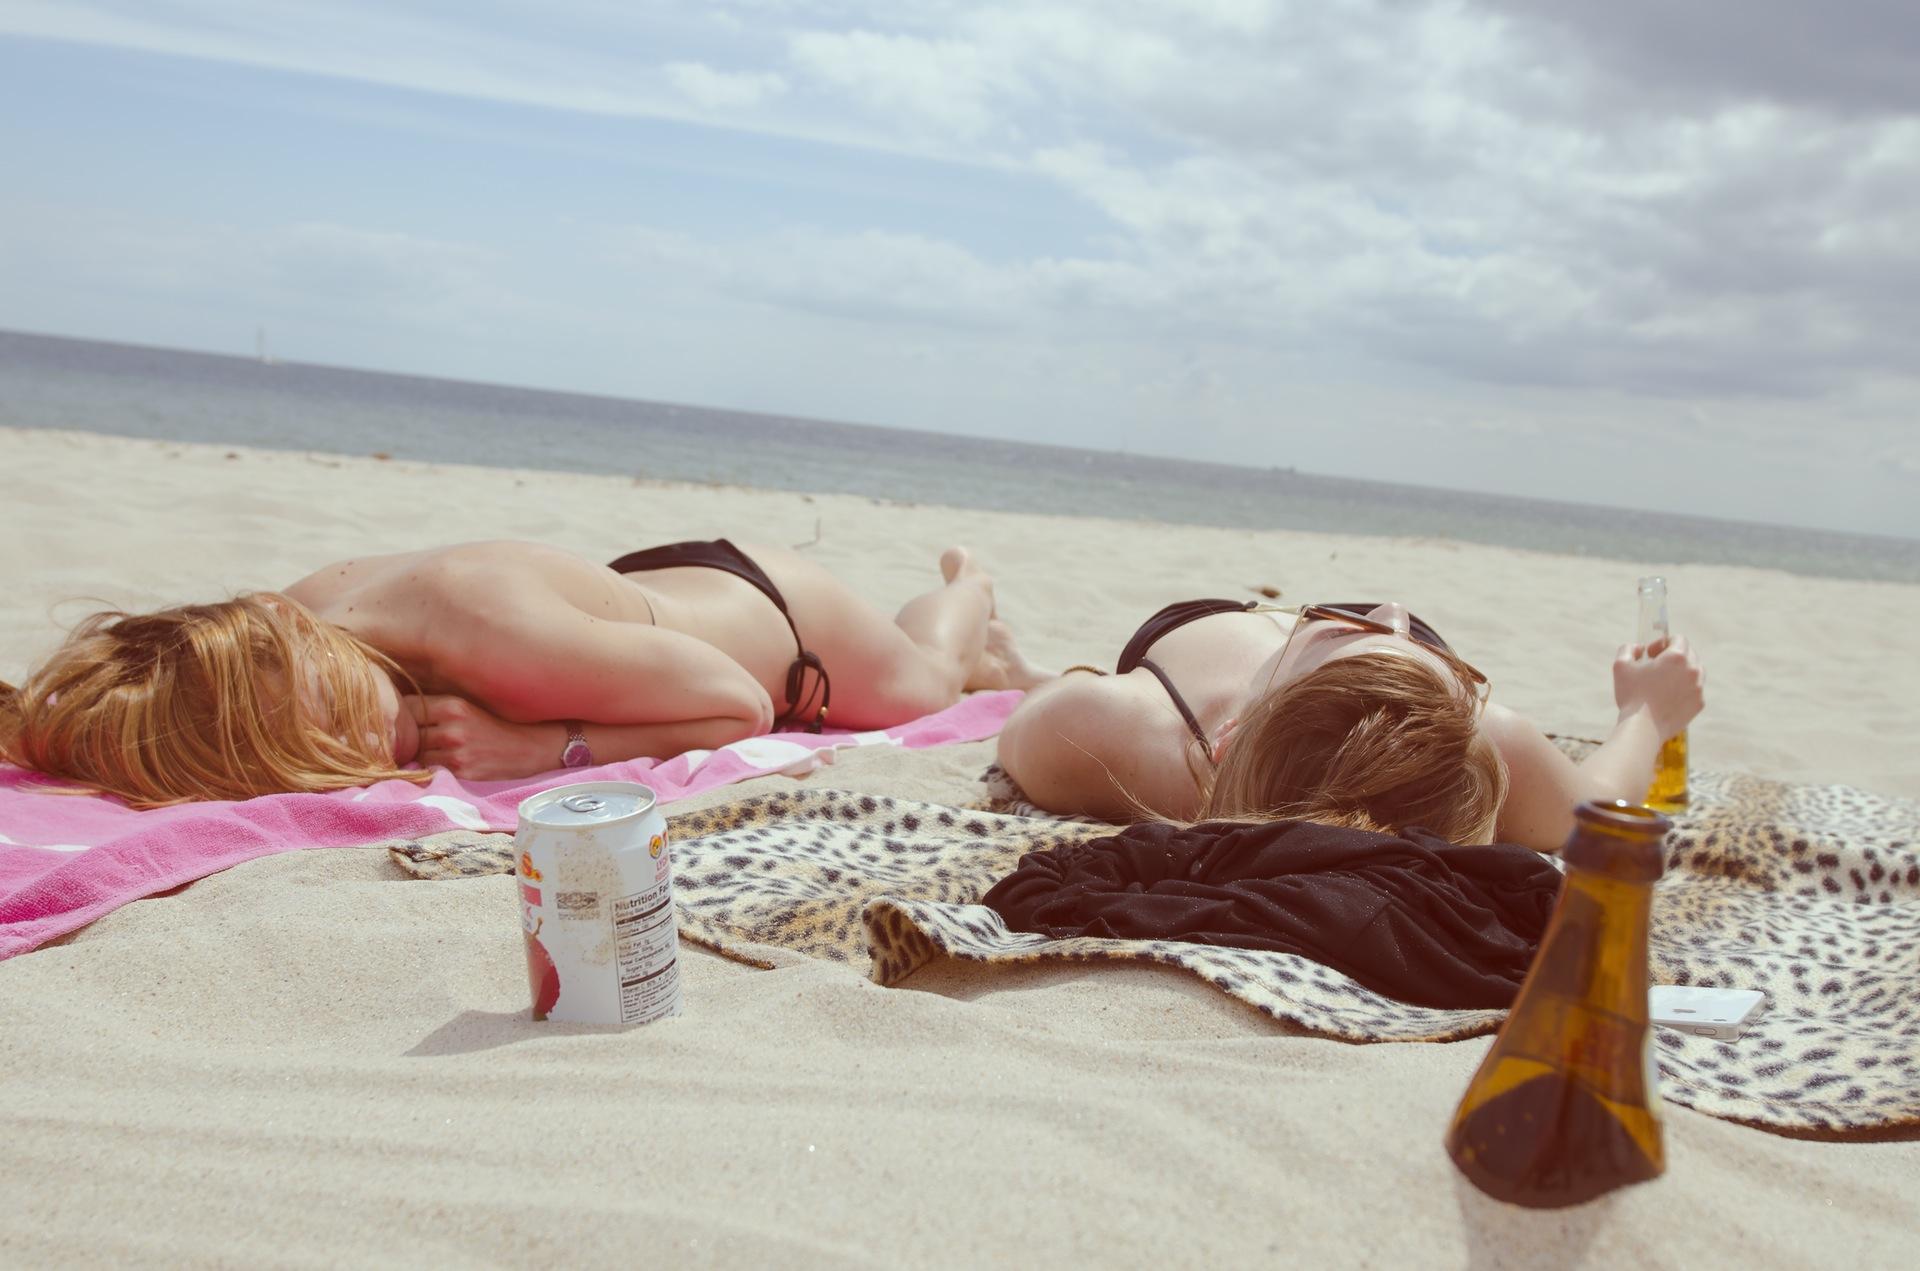 Пляж, Солнце, песок, Небо, расслабиться, Море - Обои HD - Профессор falken.com